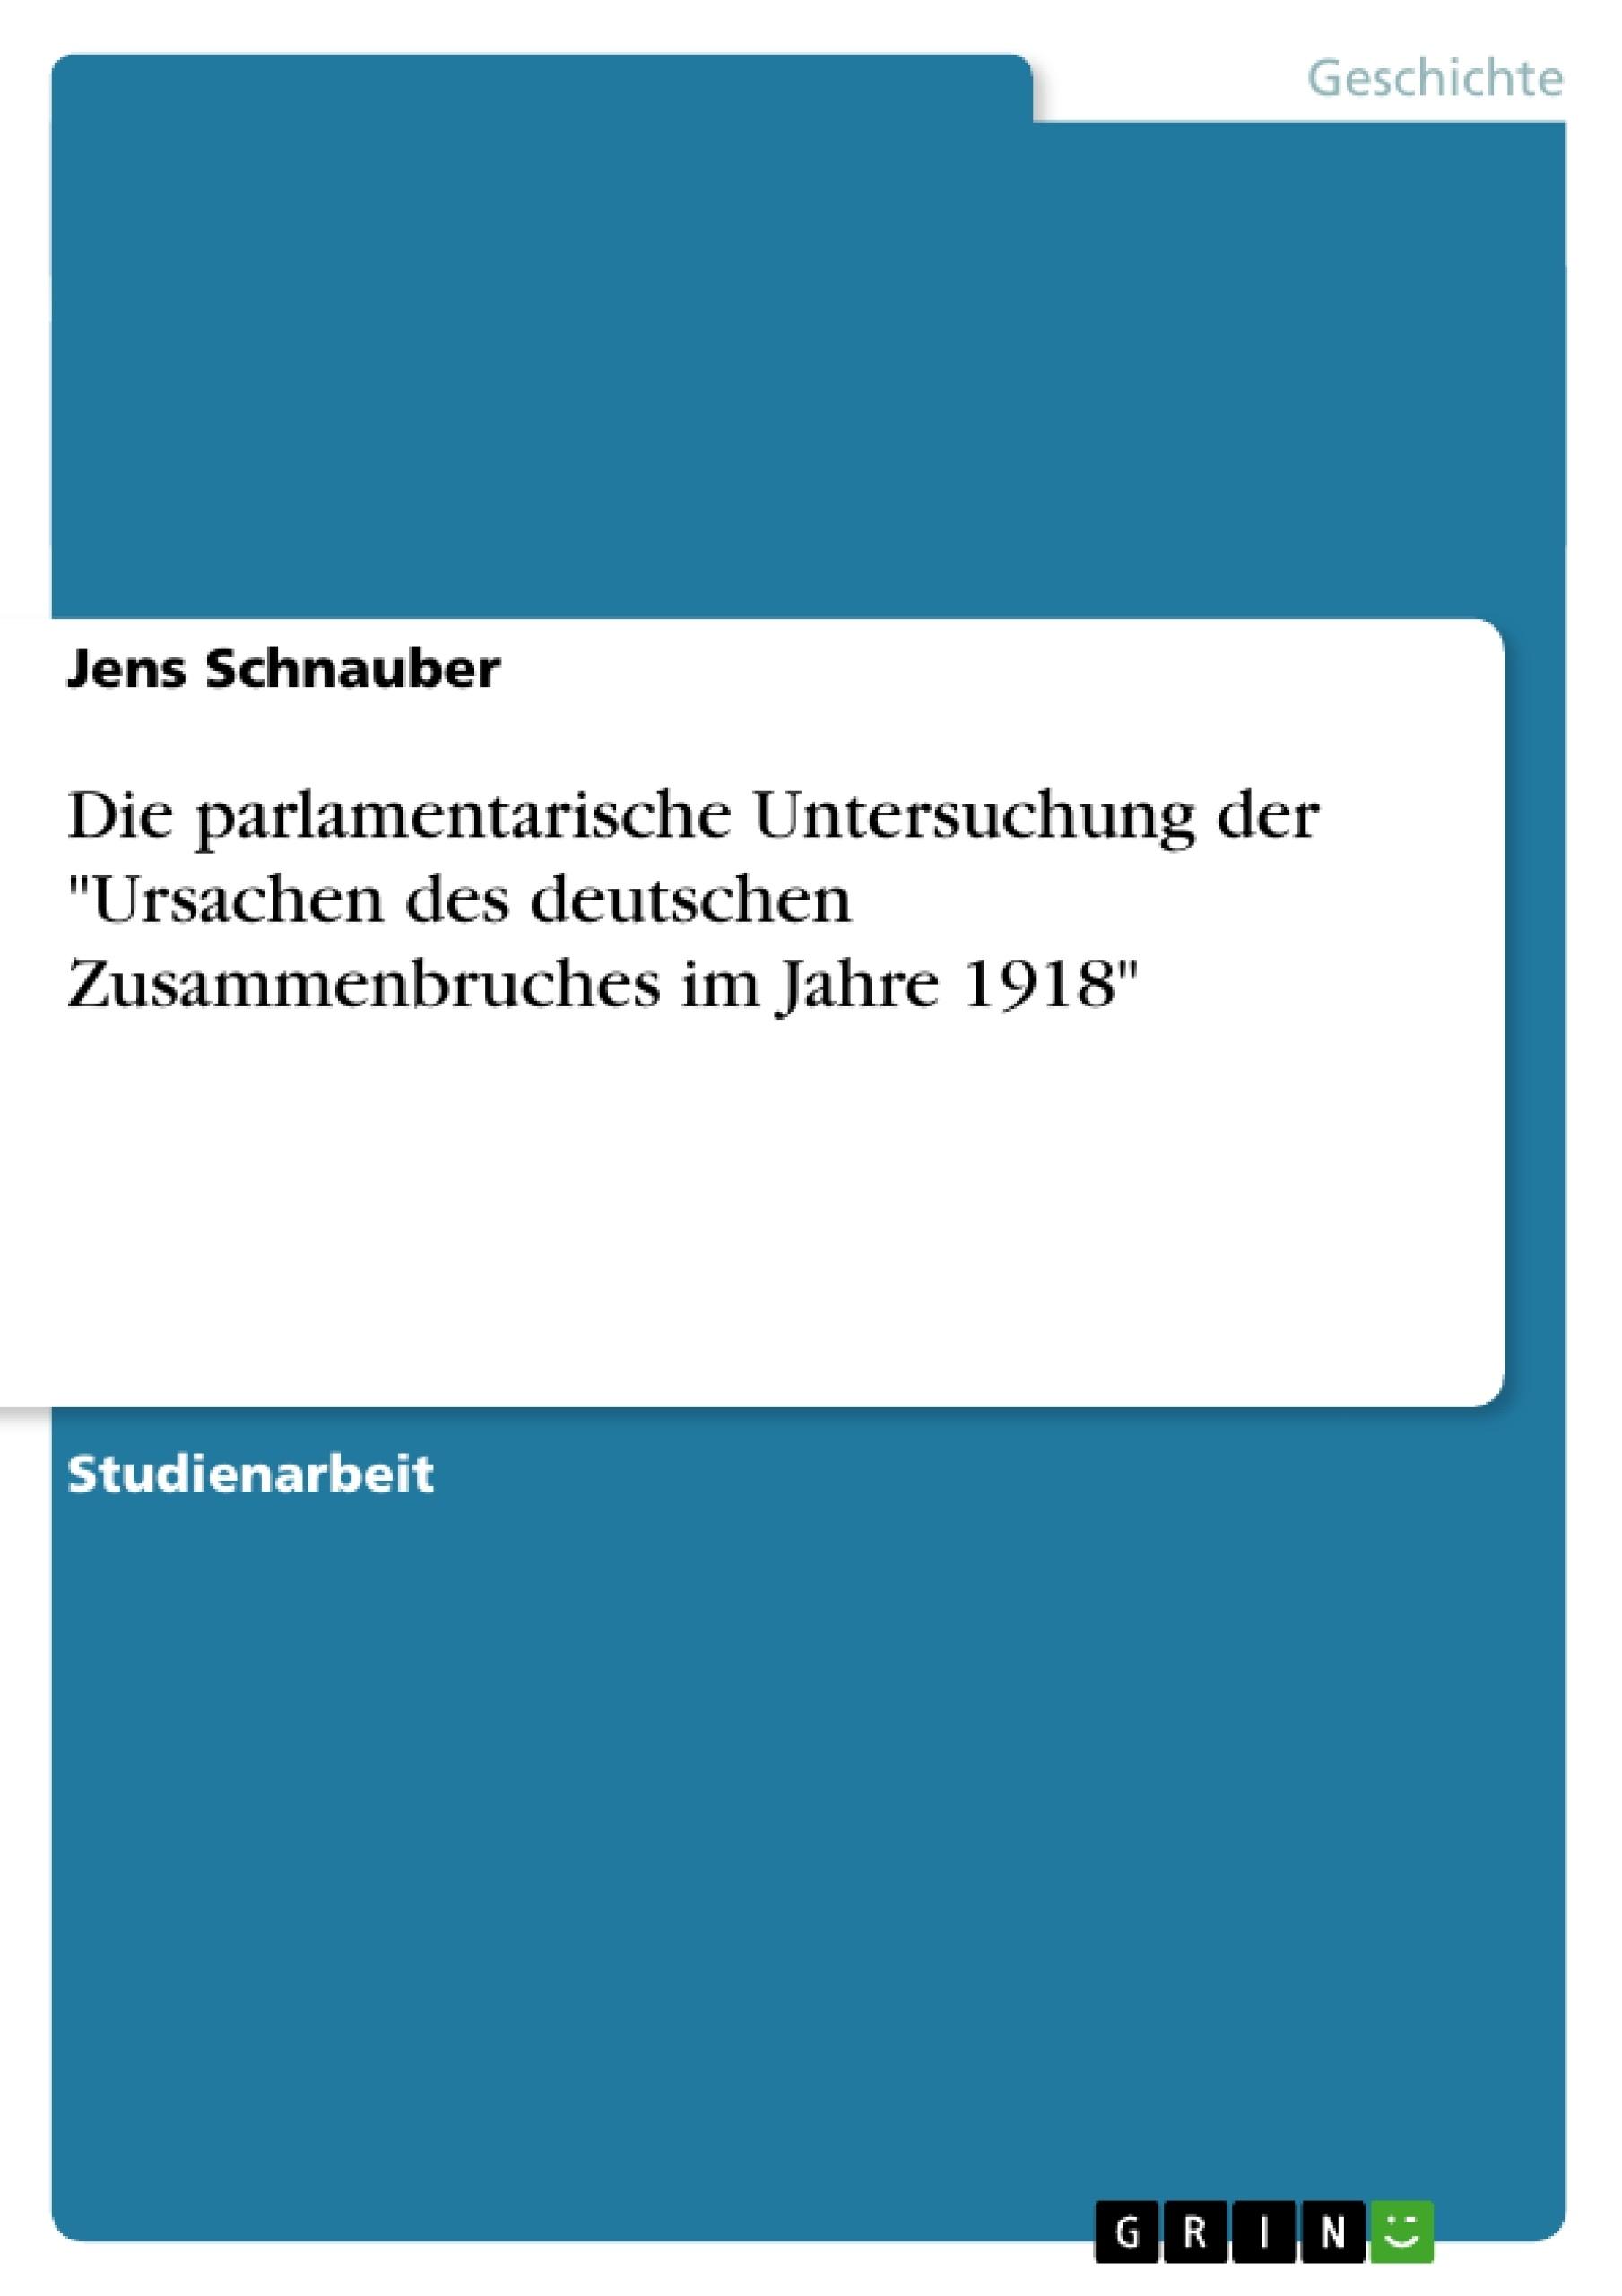 """Titel: Die parlamentarische Untersuchung der """"Ursachen des deutschen Zusammenbruches im Jahre 1918"""""""